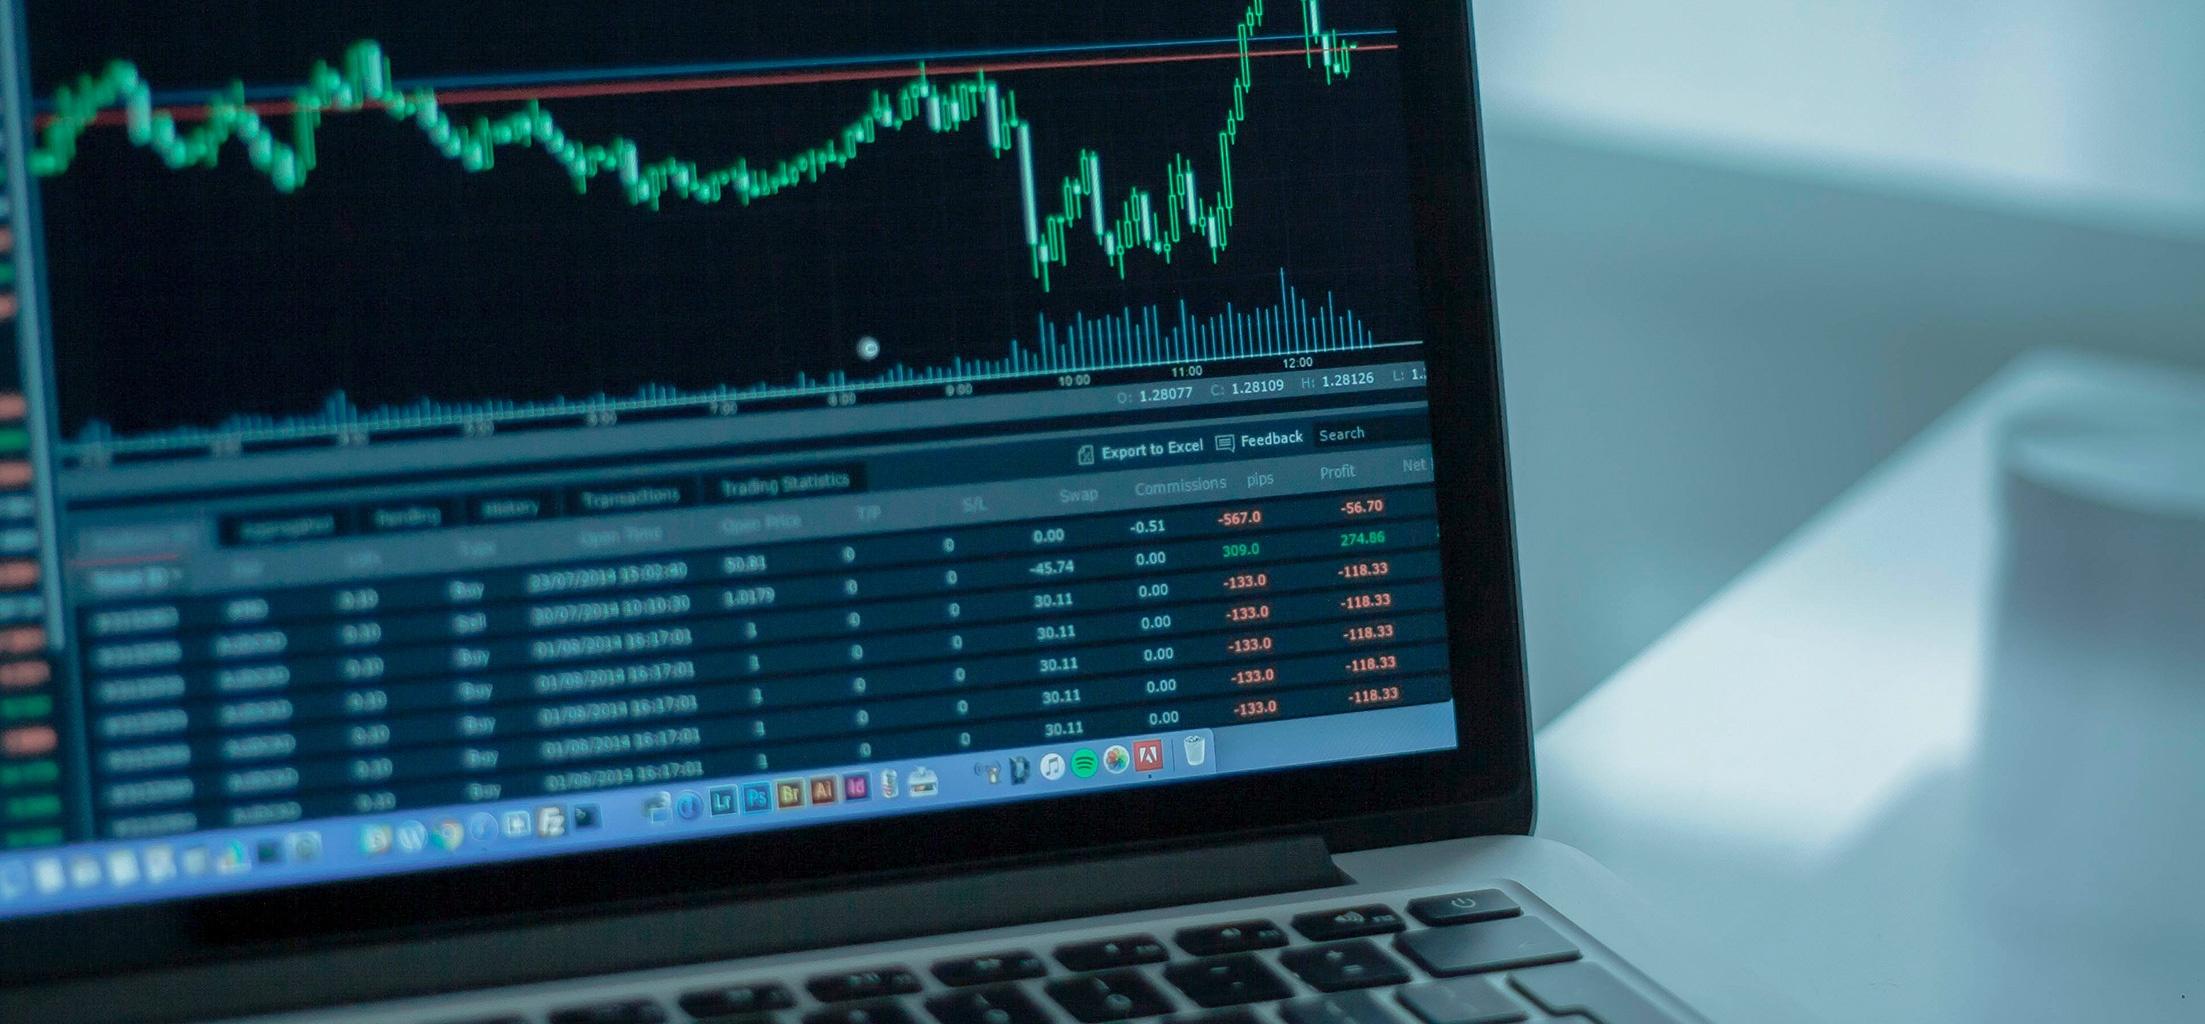 Bolsa-de-Valores-Mitos-e-verdades-de-como-funciona-esse-investimento